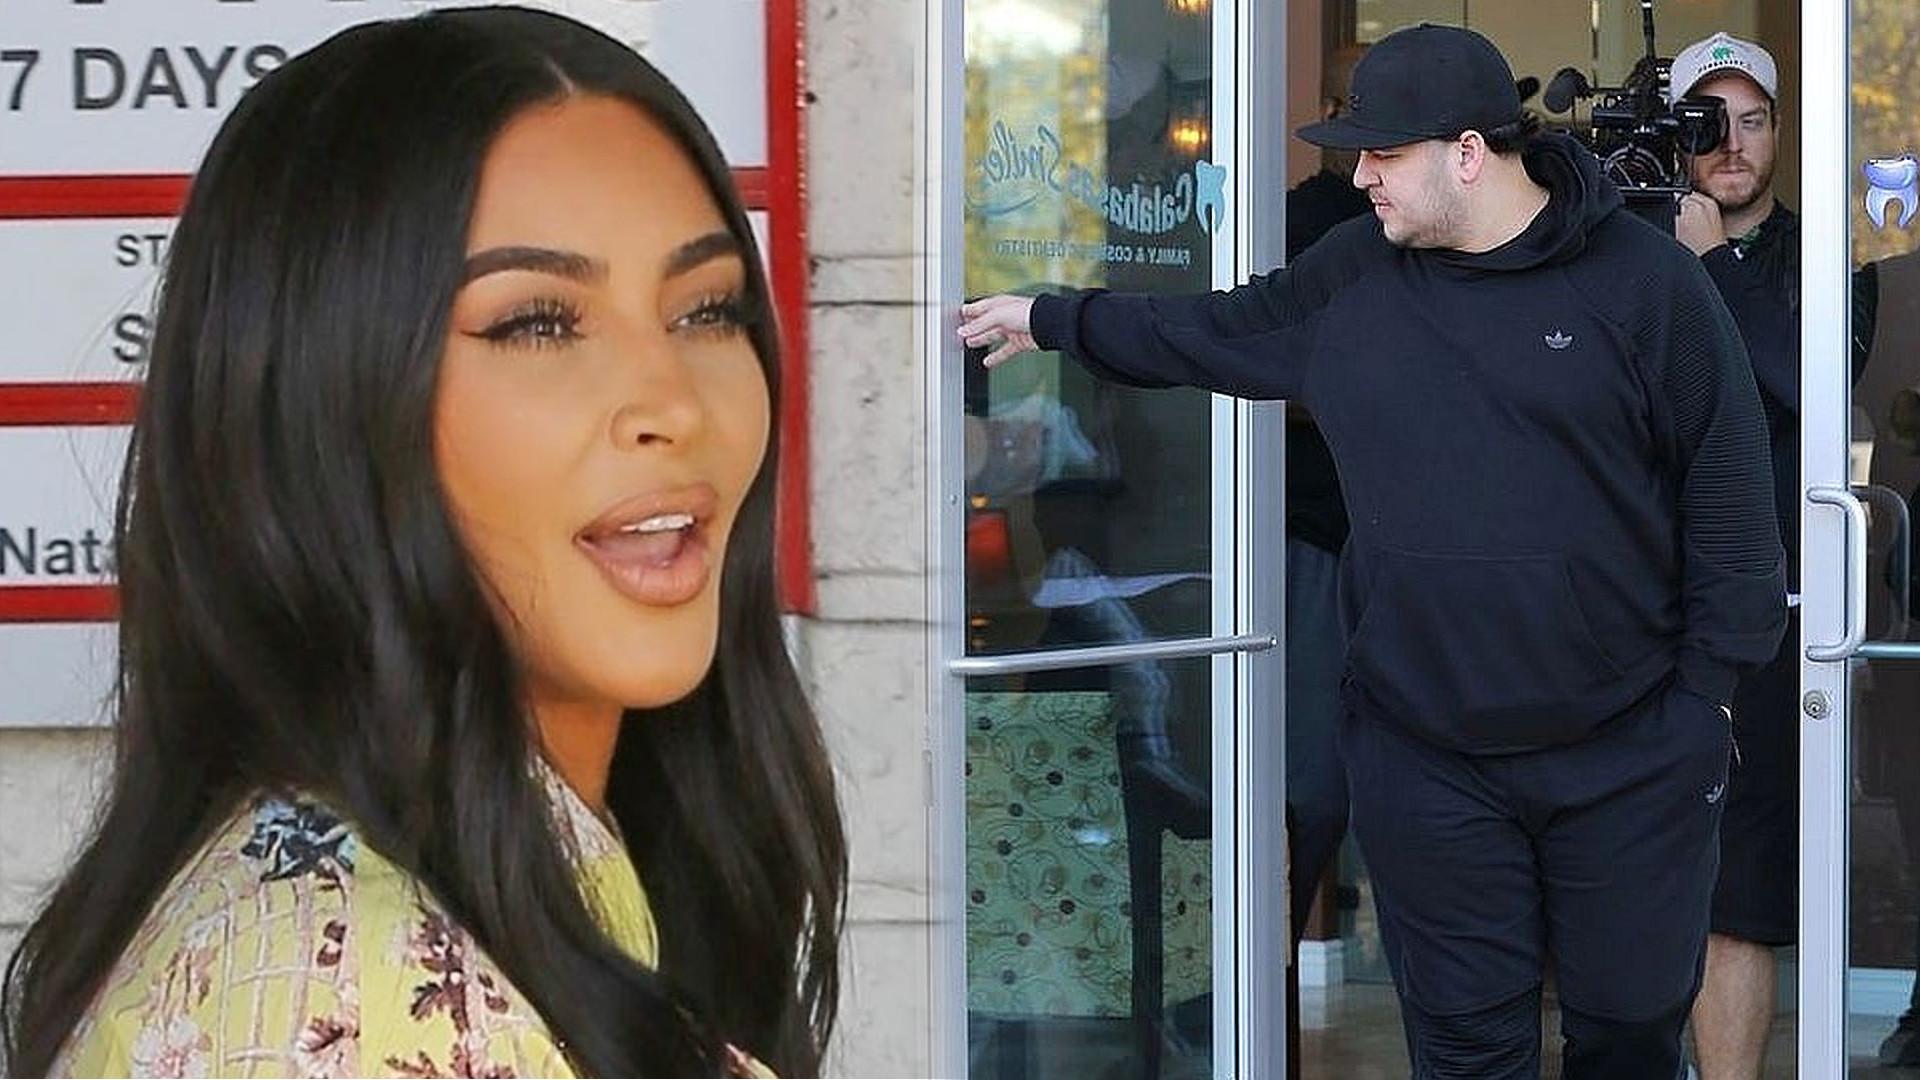 Odchudzony Rob Kardashian świętował urodziny. Kim pokazała jego zdjęcie